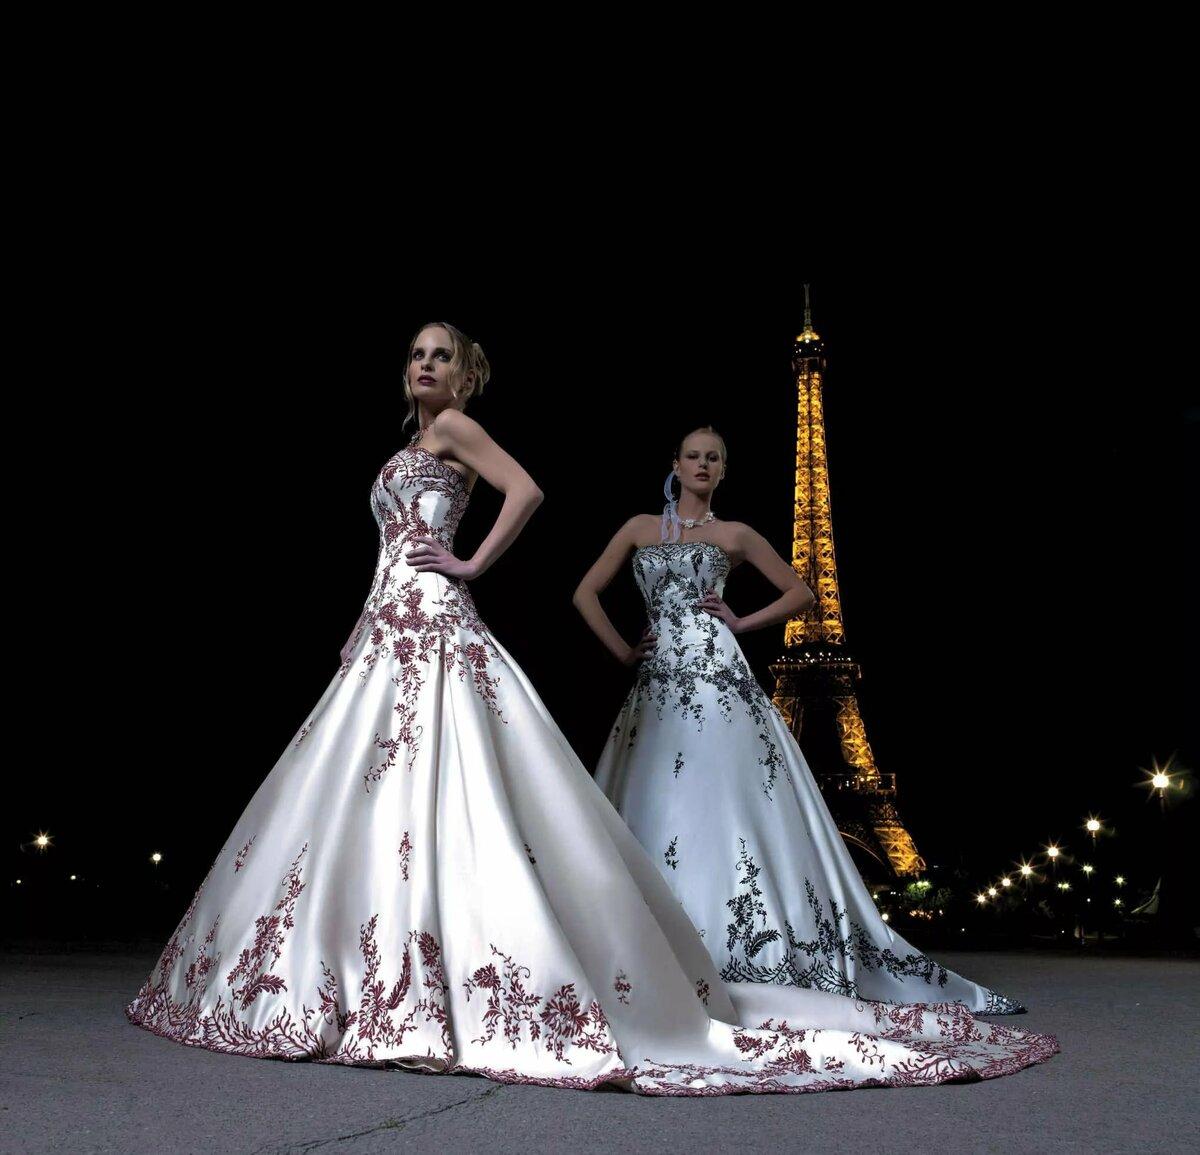 голубь самые необычные платья в мире фото шуточные